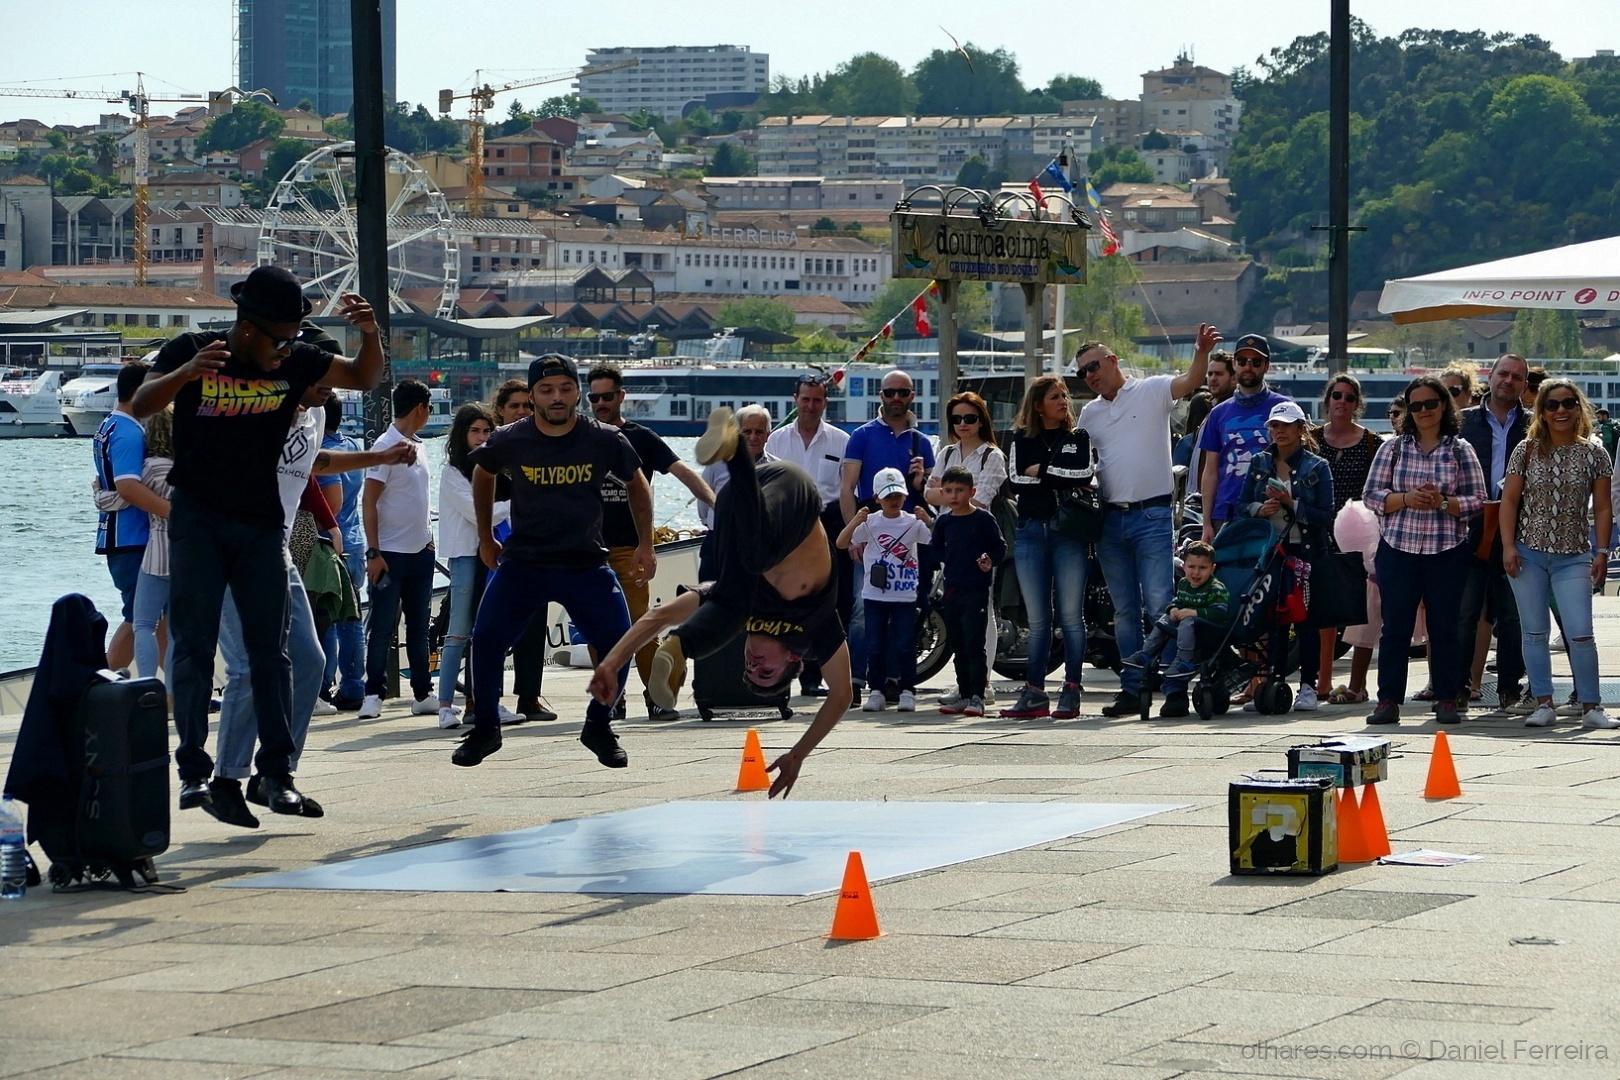 Espetáculos/Artistas de rua